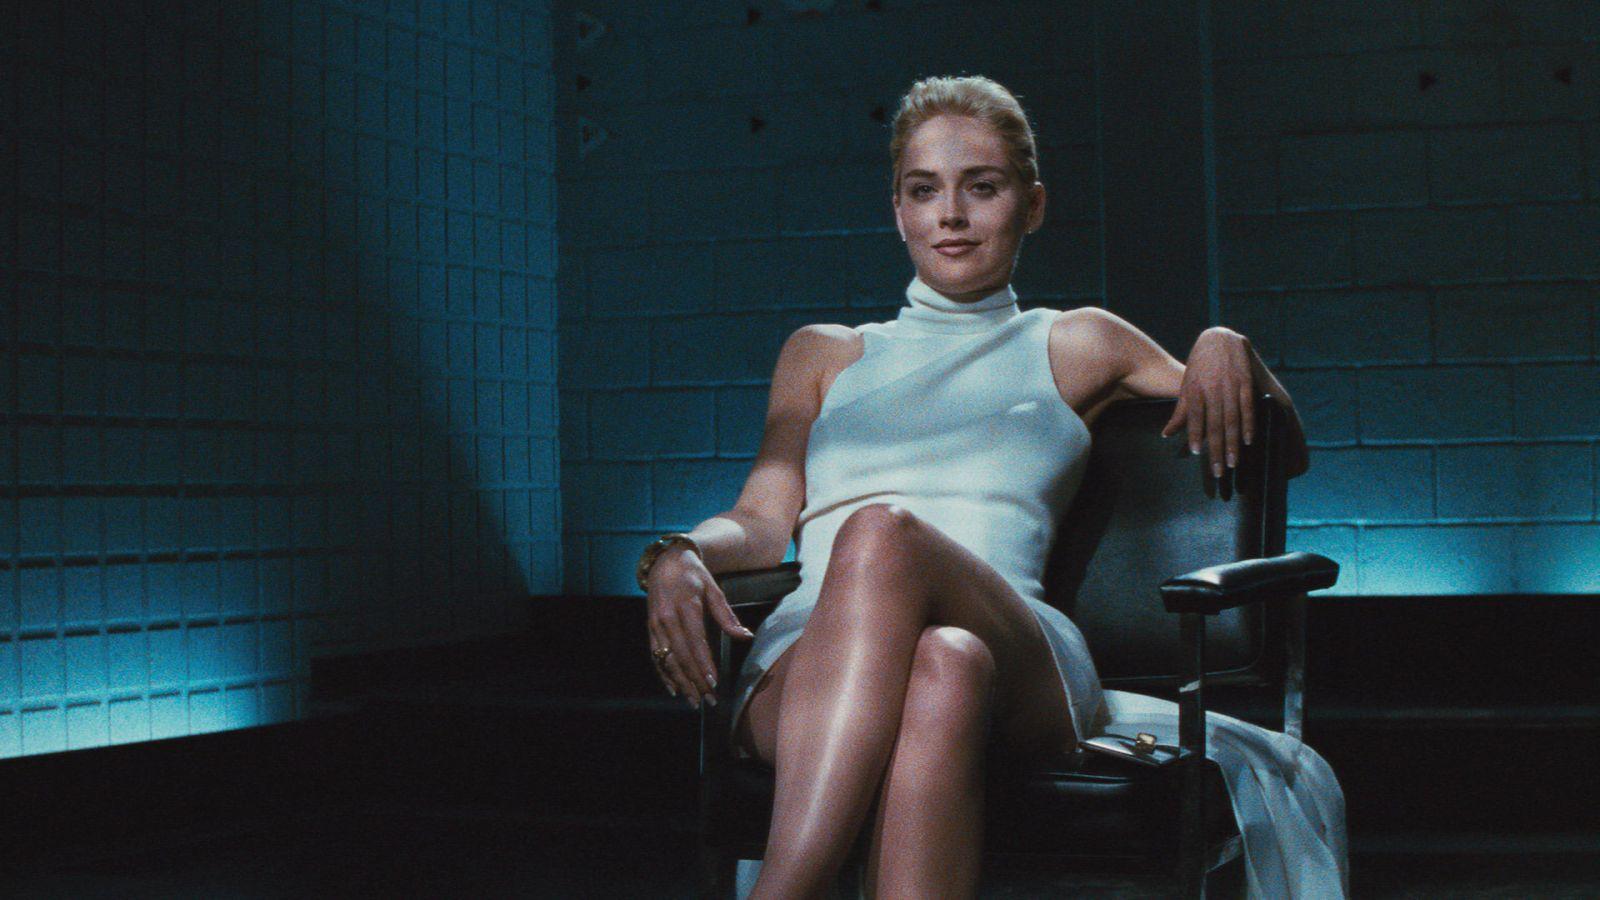 Шэрон Стоун в роли Кетрин на кадре из фильма «Основной инстинкт»